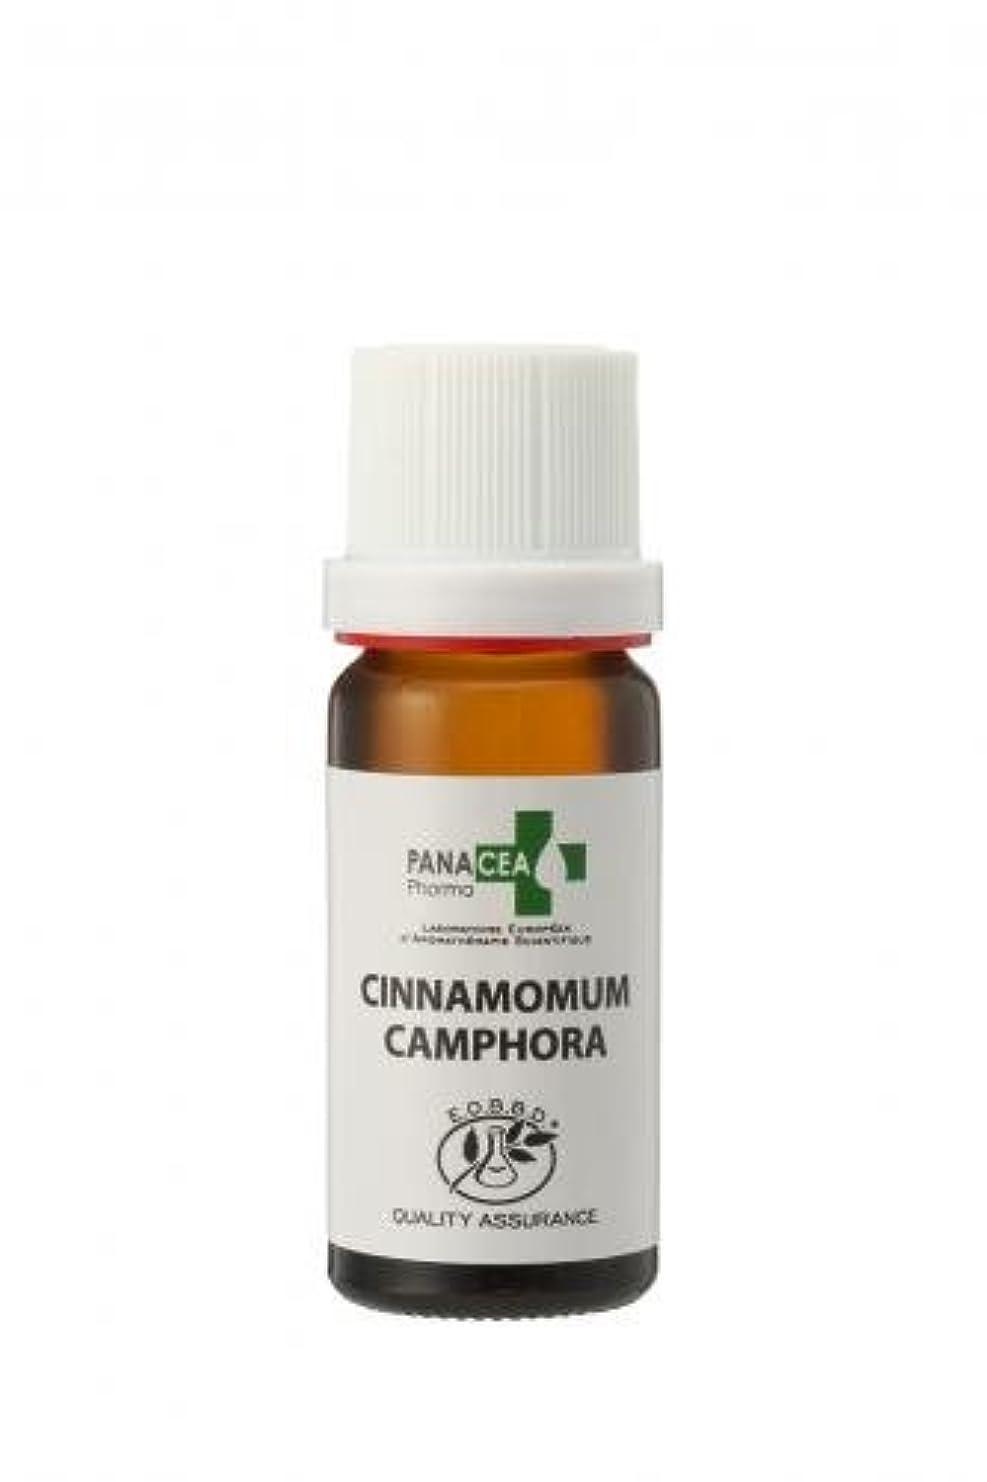 プログラムシュガー報復ラヴィンサラ (Cinnamomum camphora) 10ml エッセンシャルオイル PANACEA PHARMA パナセア ファルマ